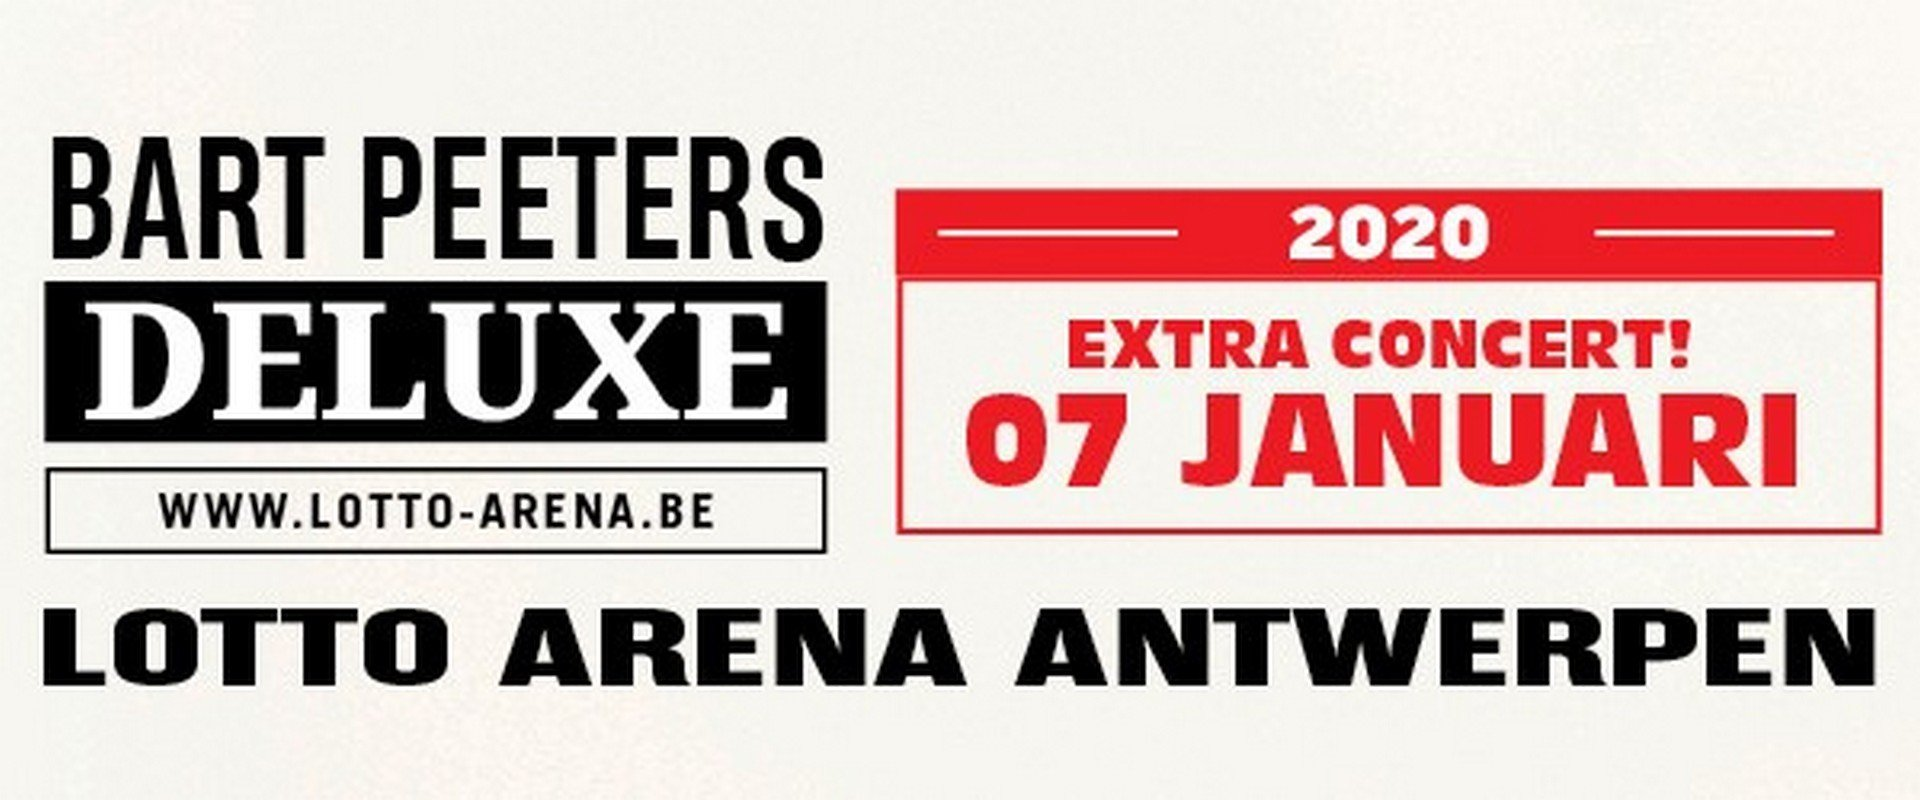 Bart Peeters kondigt achtste concert aan in Lotto Arena - Bart Peeters Deluxe 7 jan